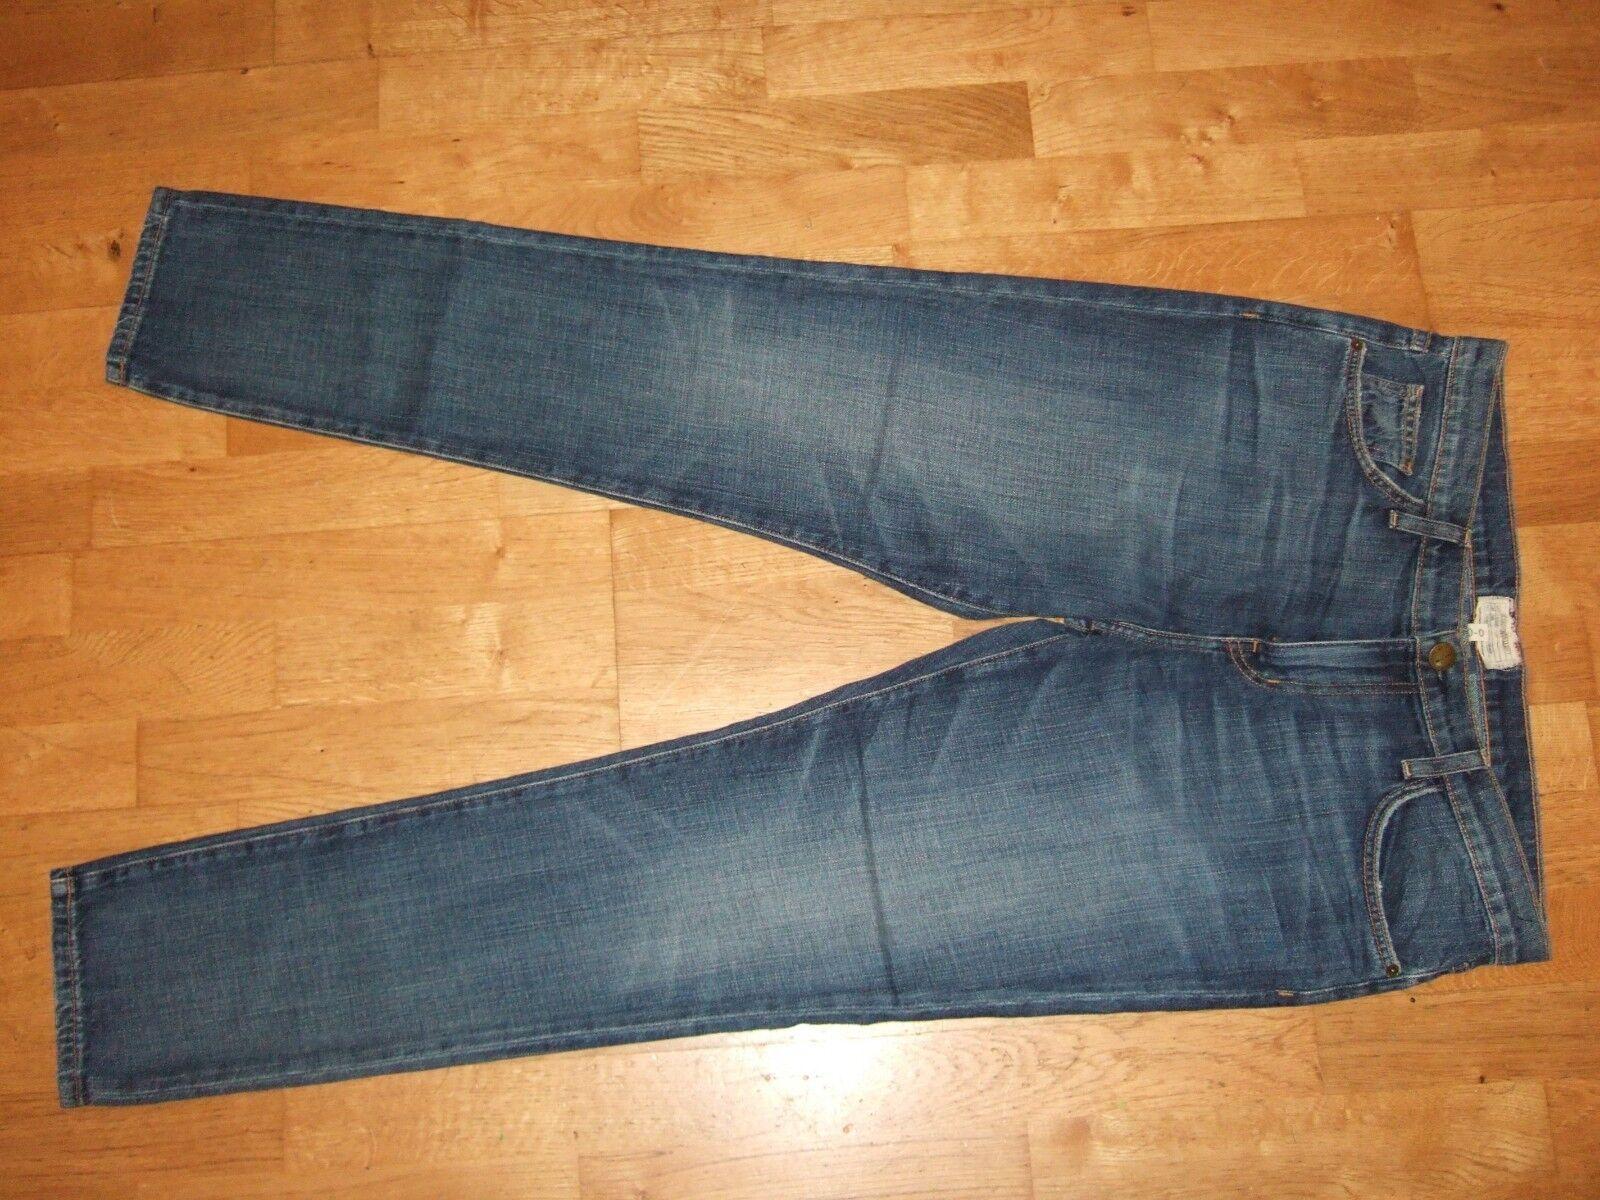 Xlent Current Elliott The Rendezvous 1690 Jeans Blau 30 UK 12 USA 8 Celeb Fave